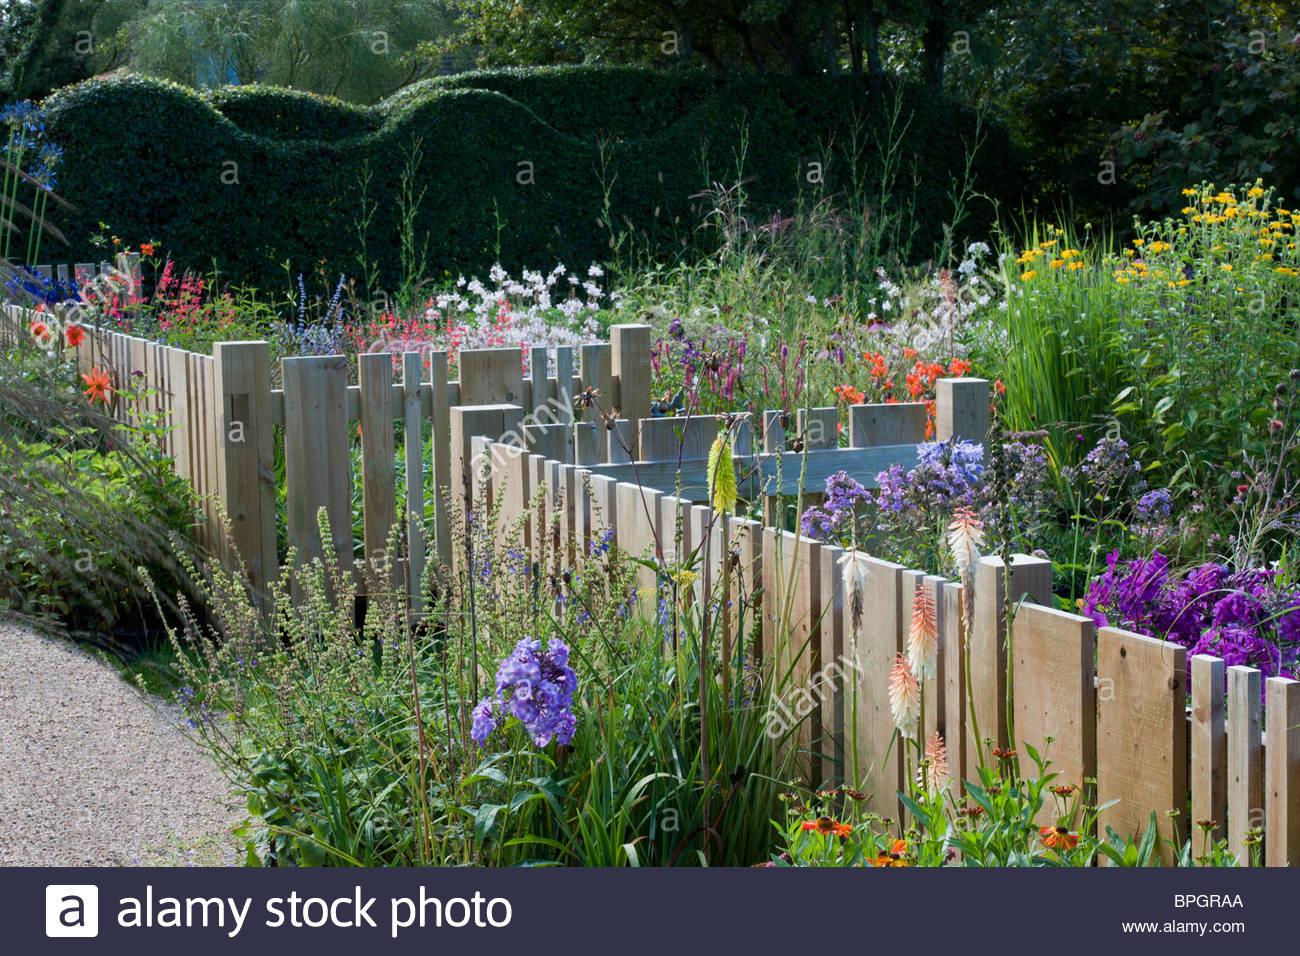 Pequeño jardín vallado valla de madera inusual anchos variados flowling coberturas perennes de flores Imagen De Stock